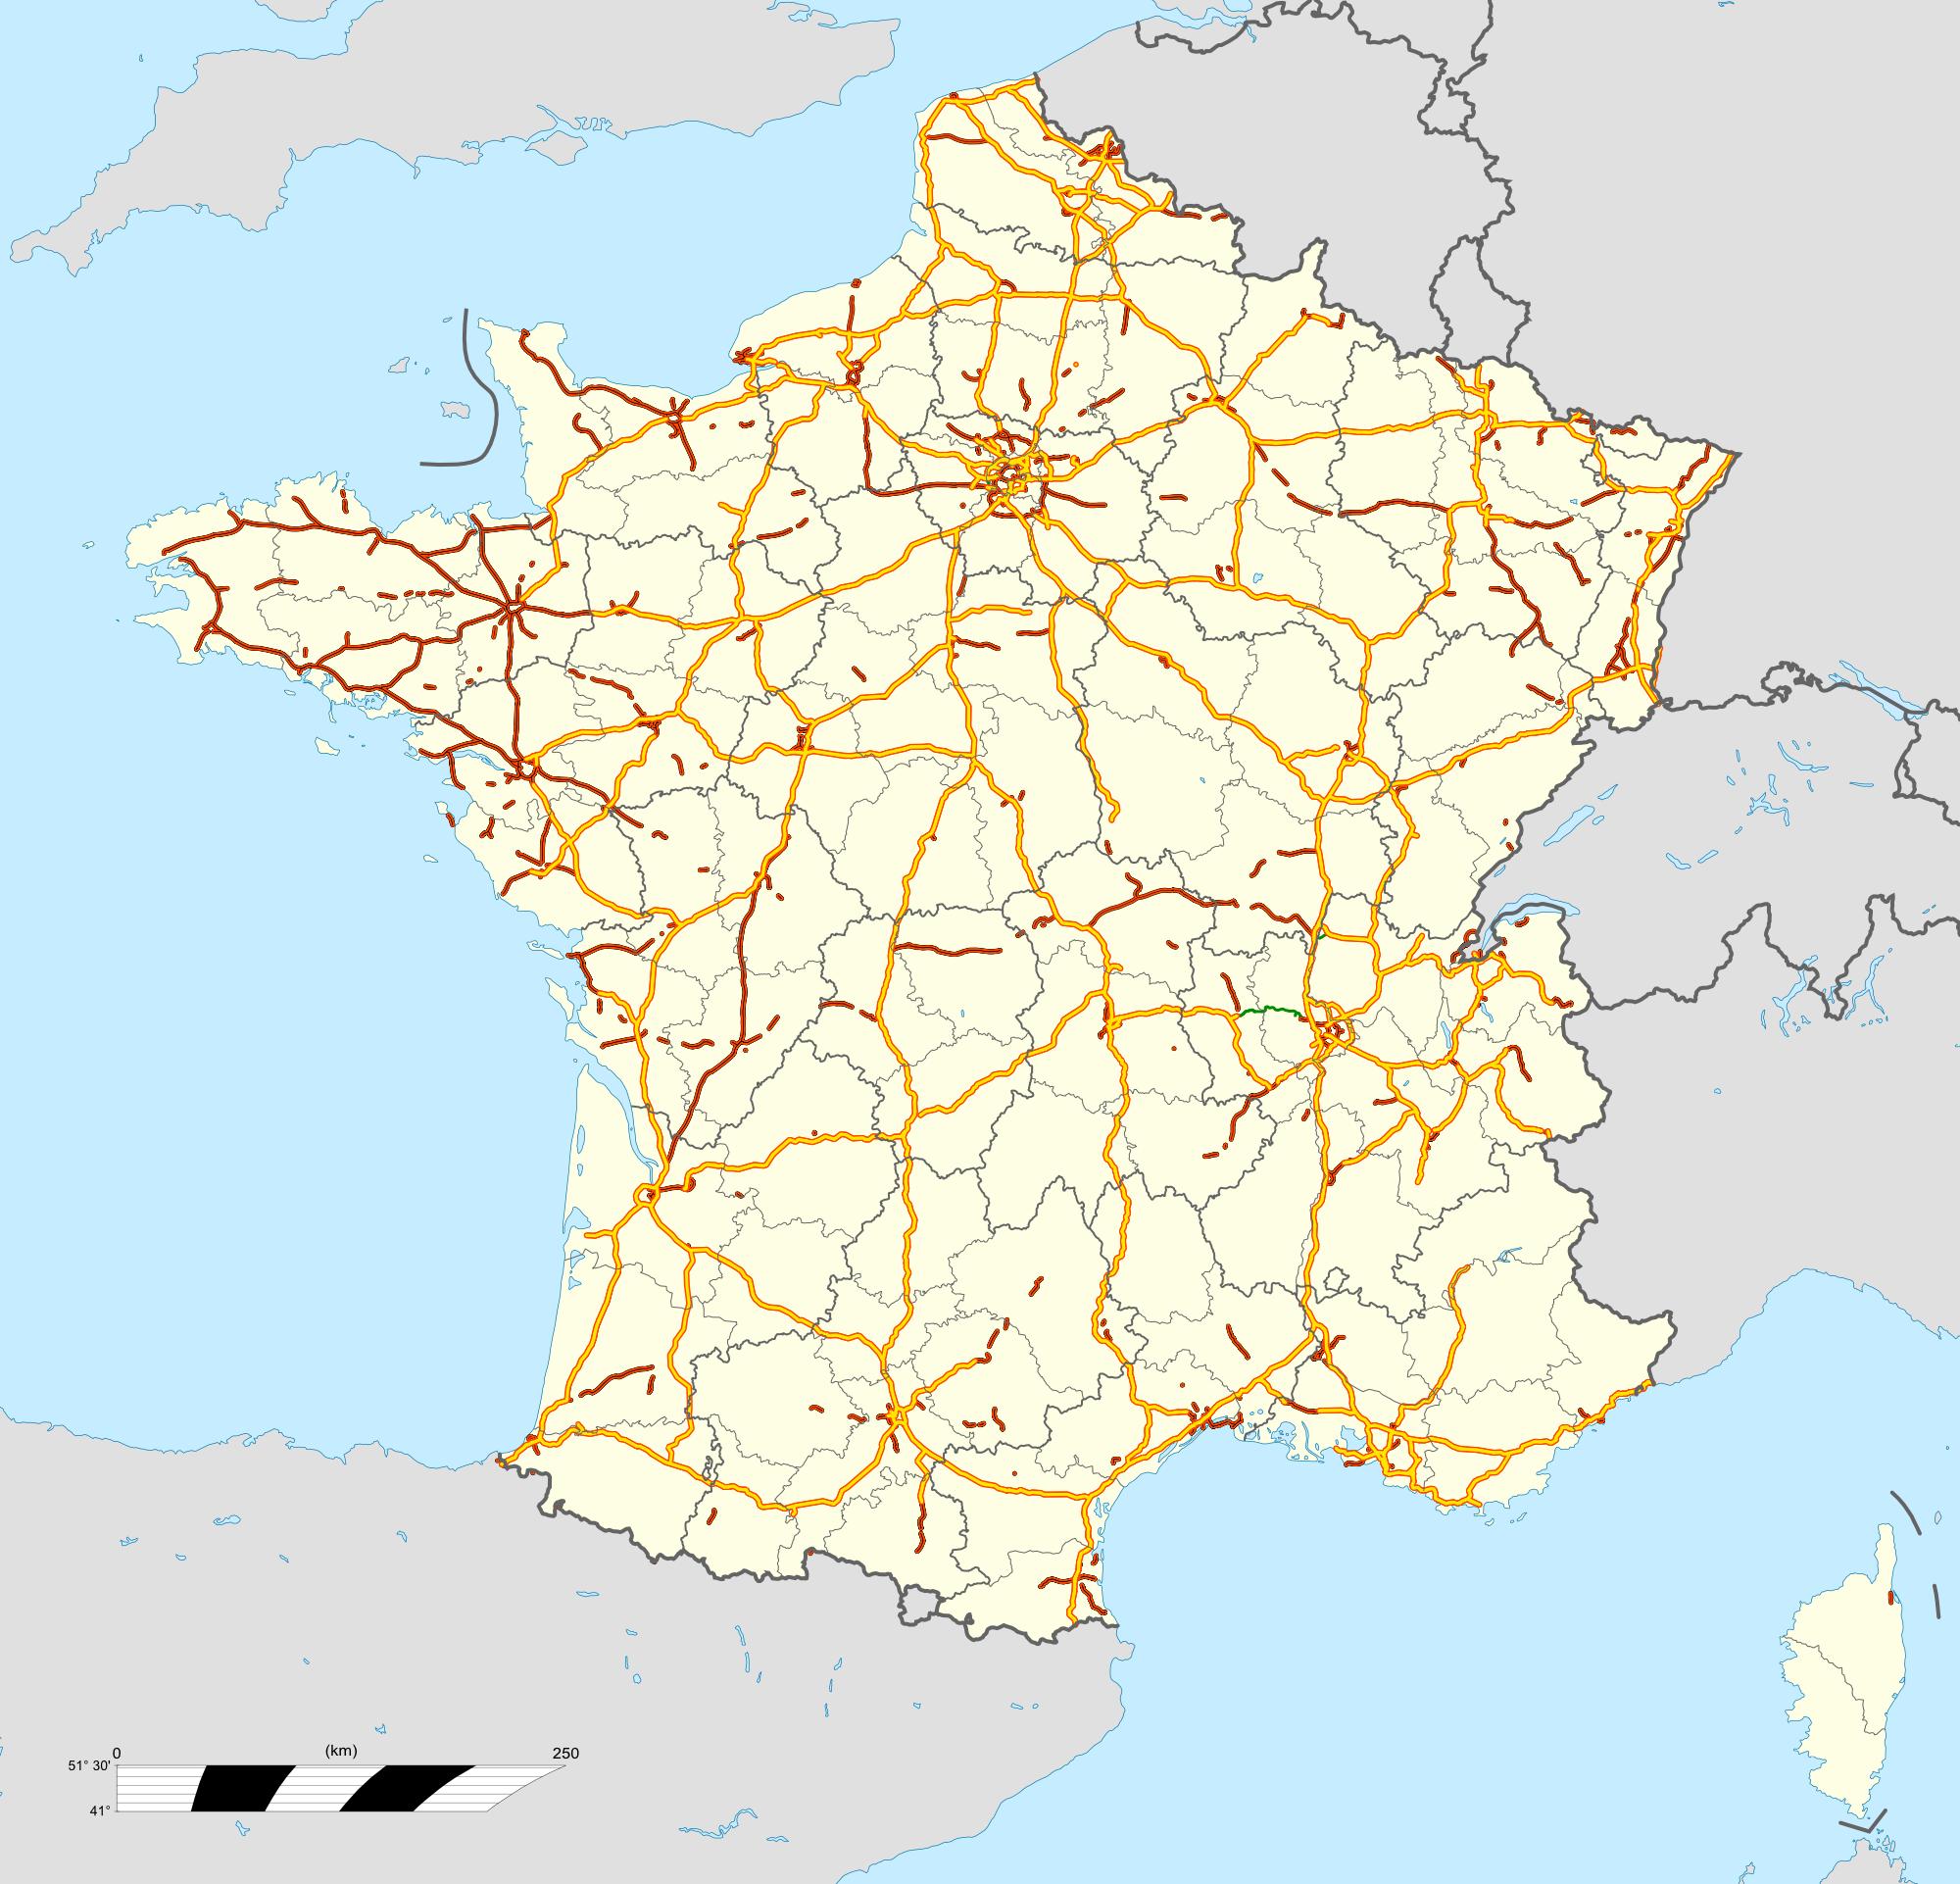 carte de france des autoroutes File:France autoroutes map fr.png   Wikimedia Commons